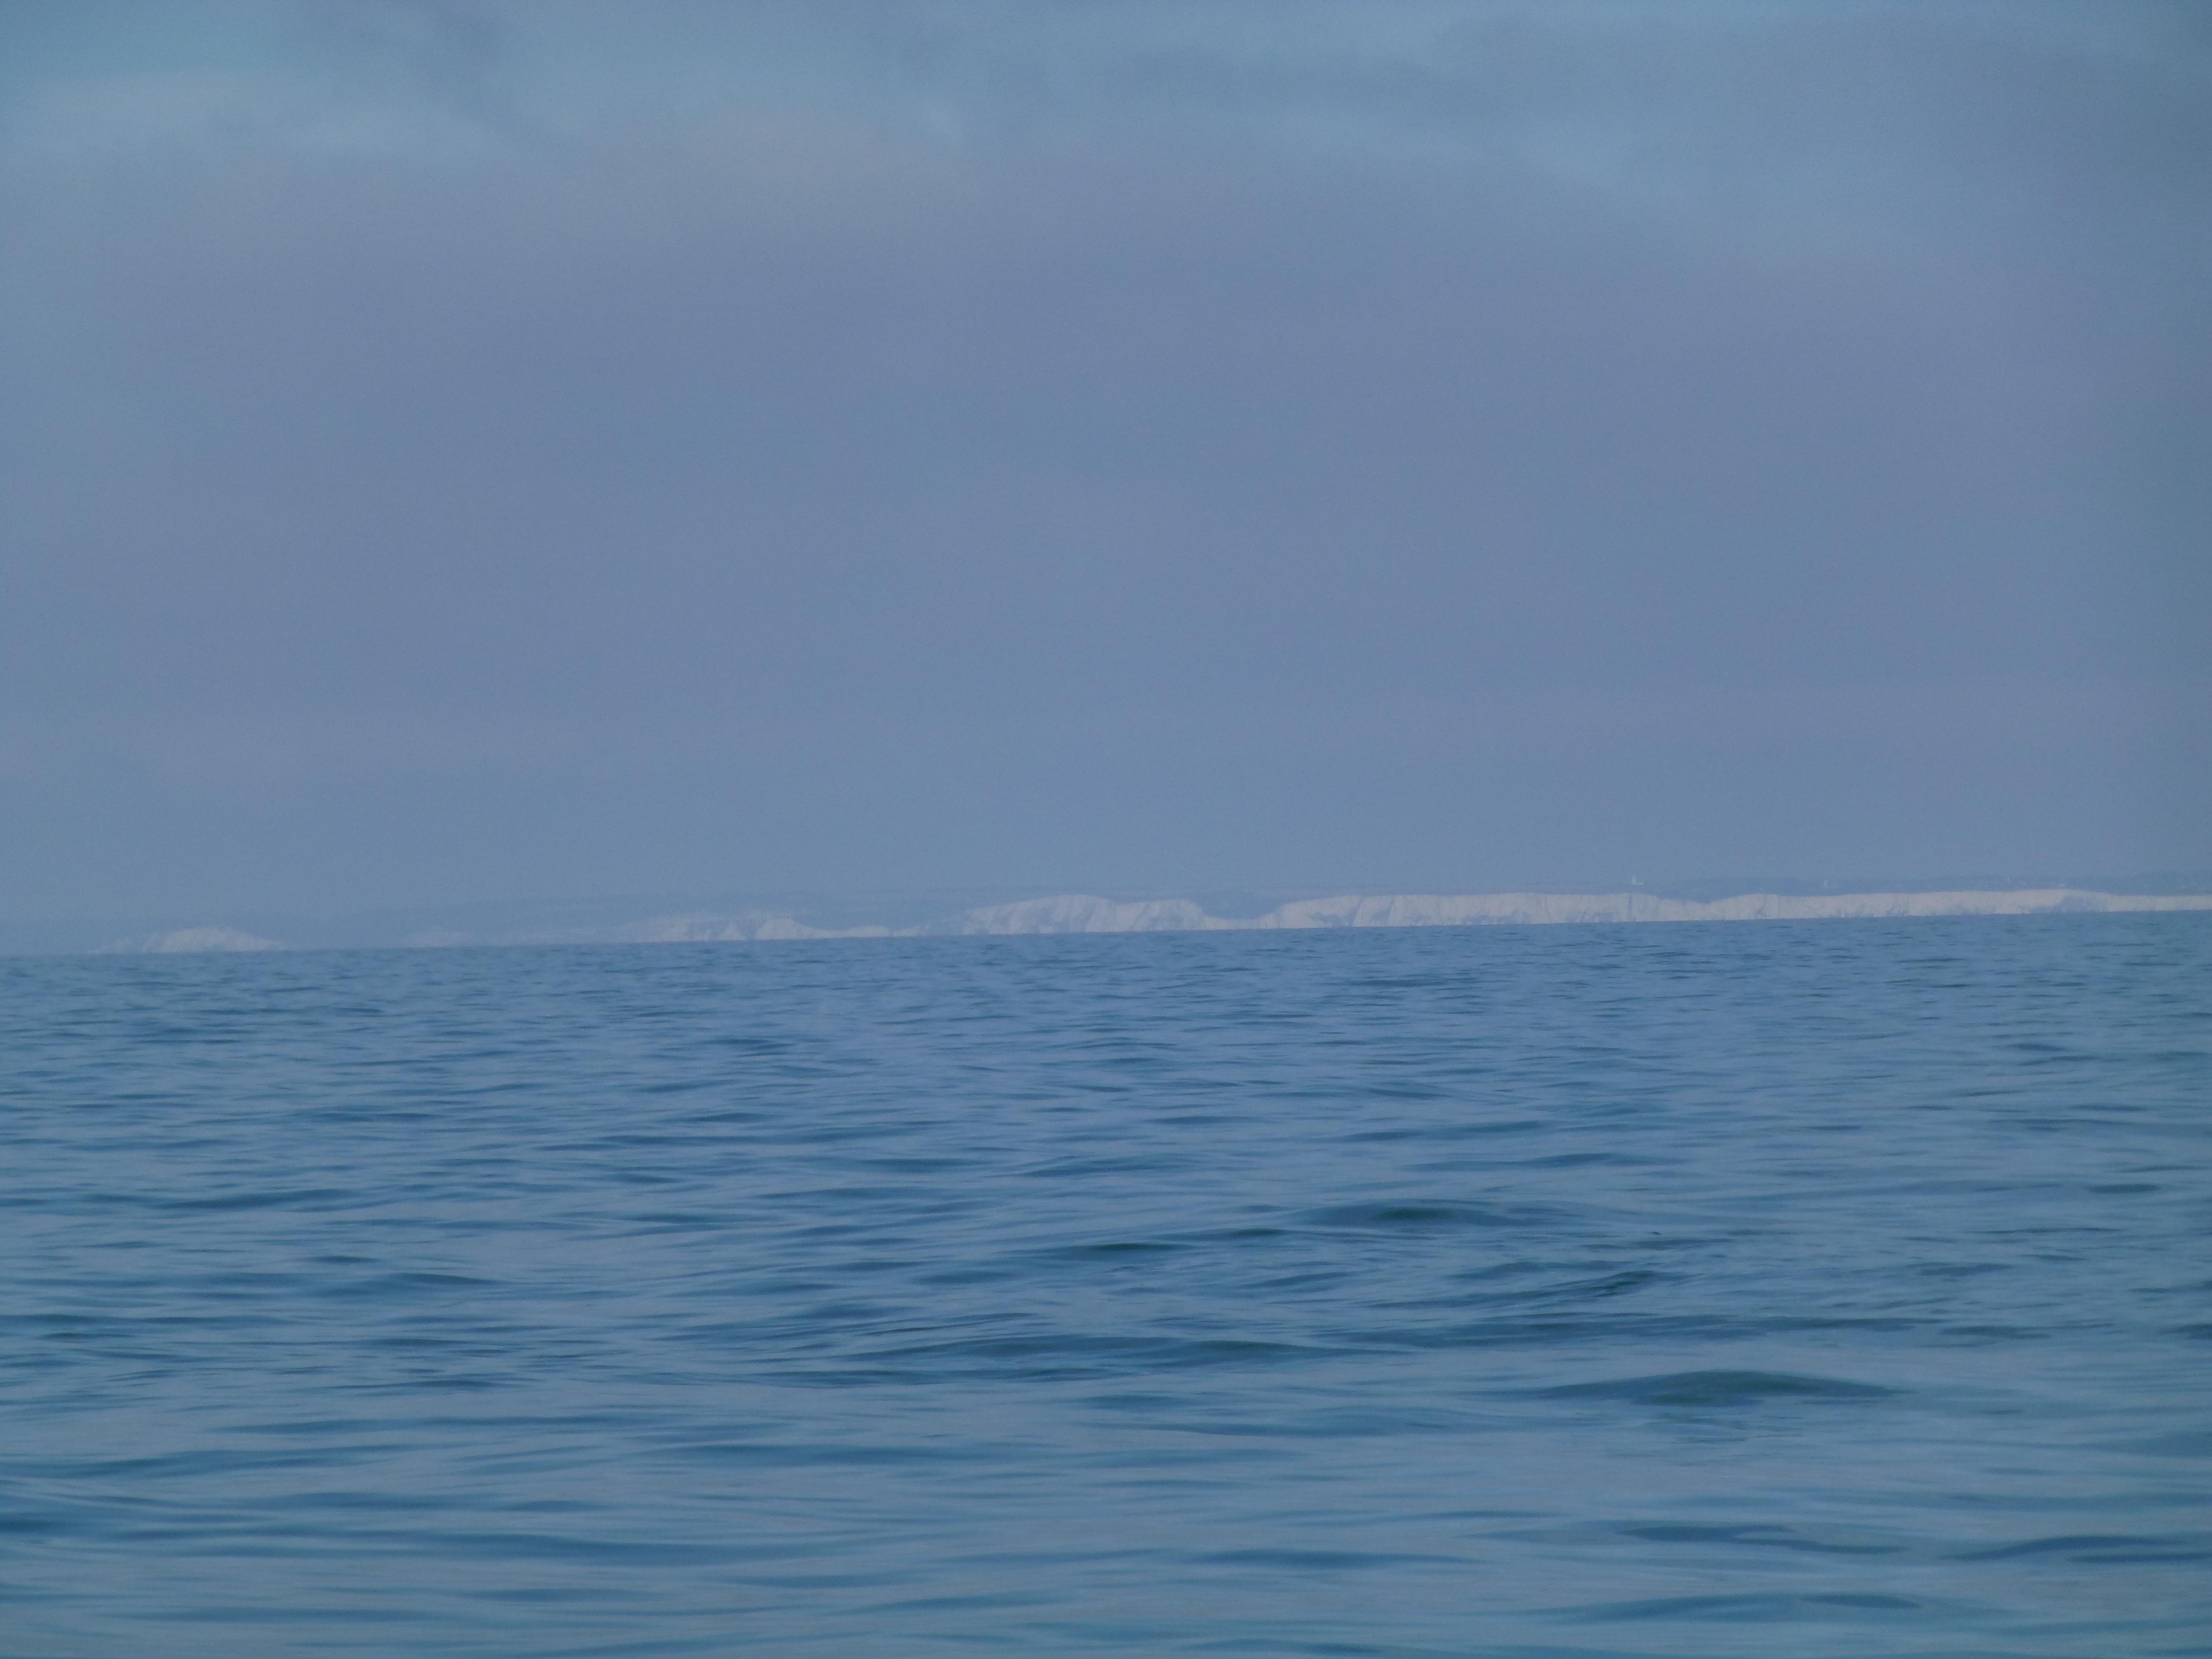 Udsigt til de hvide klipper ved Dover